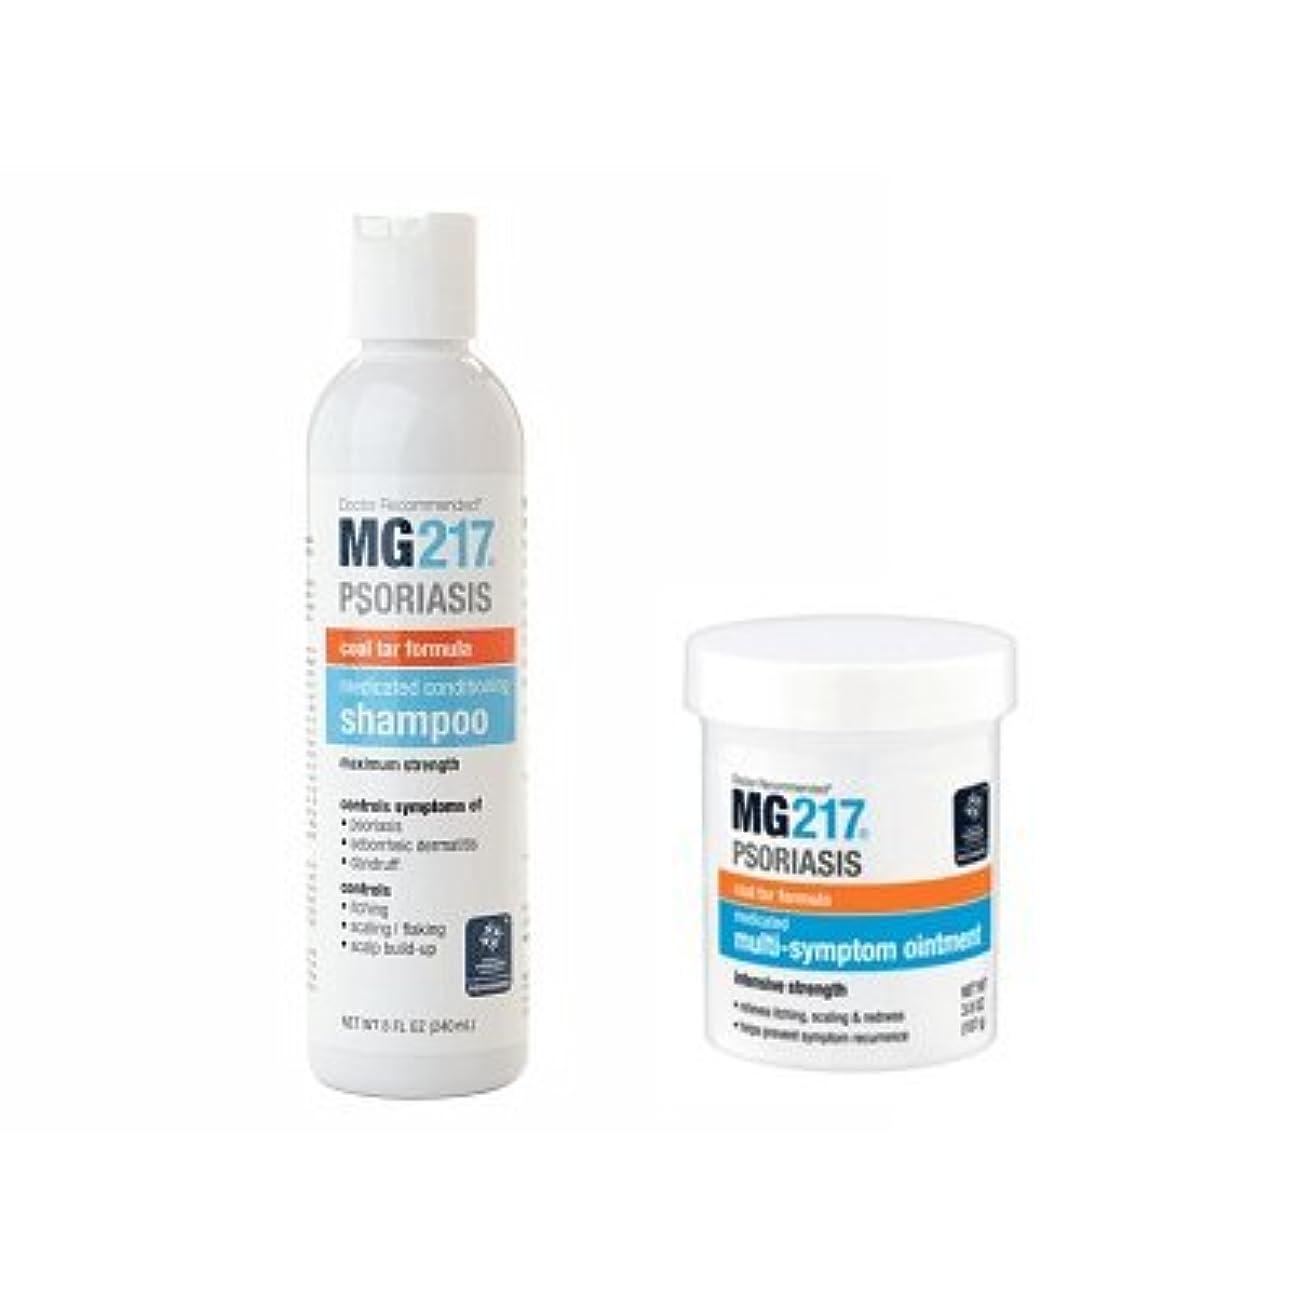 思い出す静的忠誠MG217 シャンプー&軟膏セット 240ml/107ml Psoriasis Medicated Conditioning Shampoo,Ointment set 海外直送品